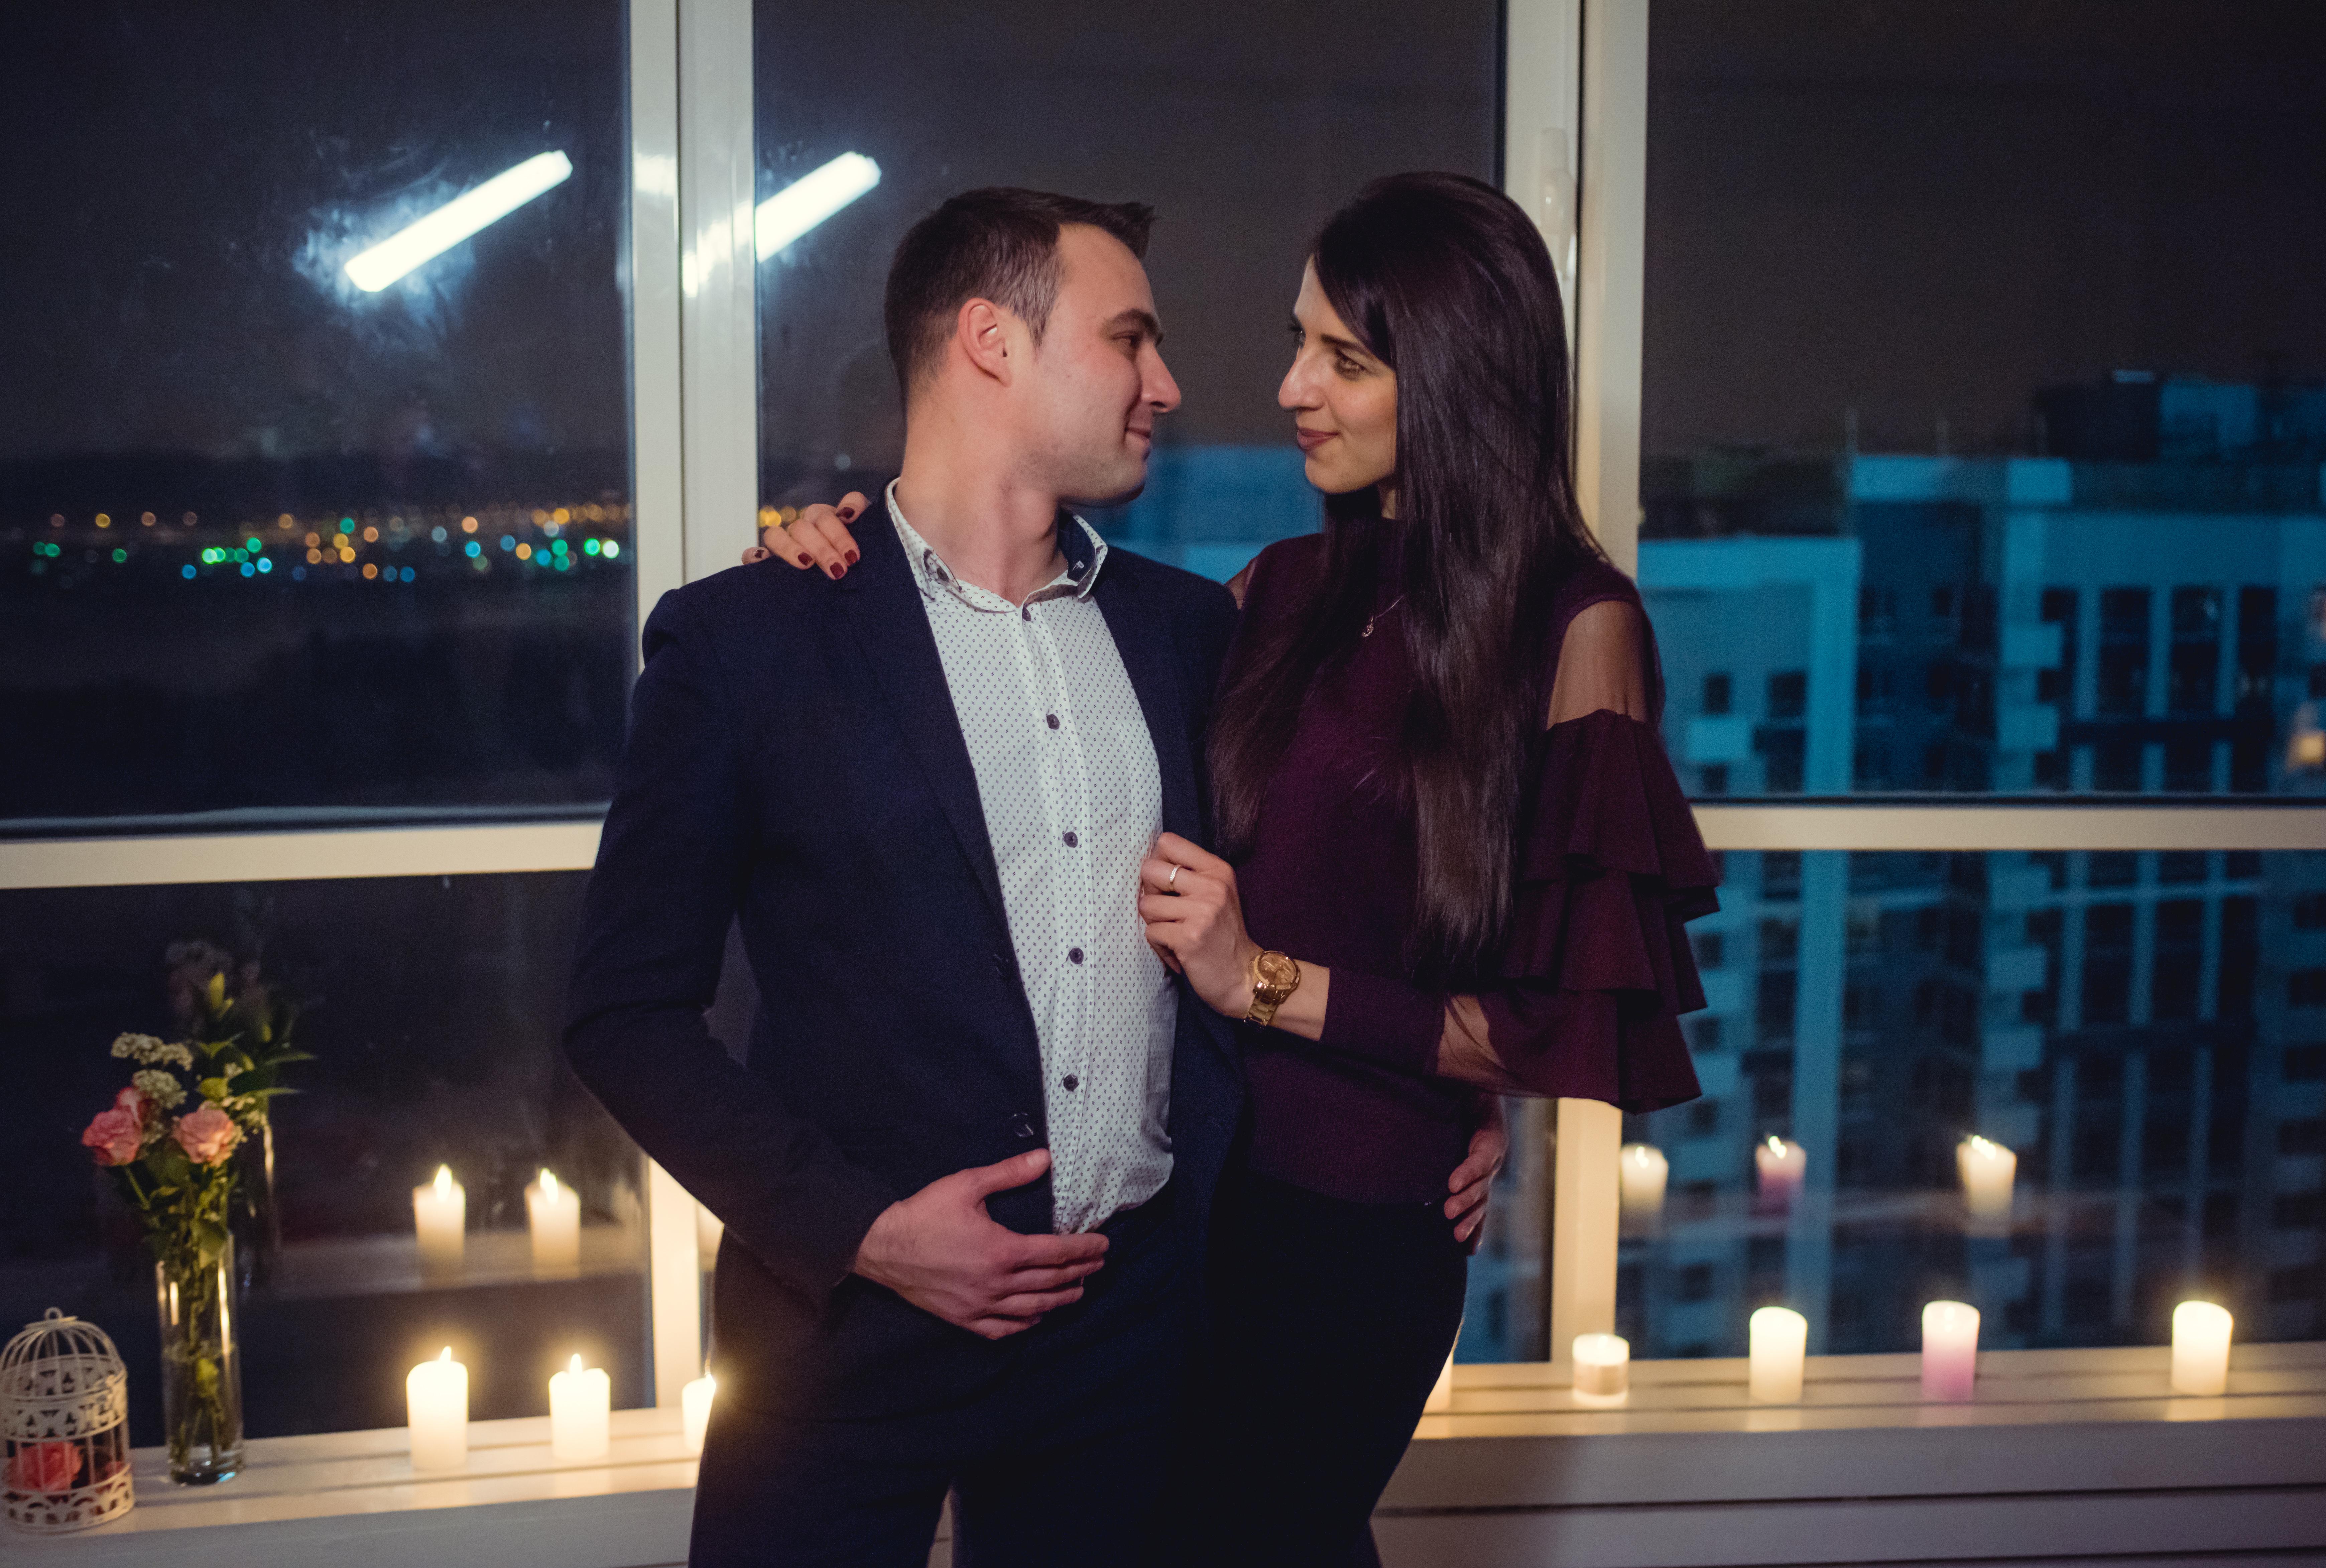 Ресторан для двоих, Киев, сервис романтики Альтечо (15)